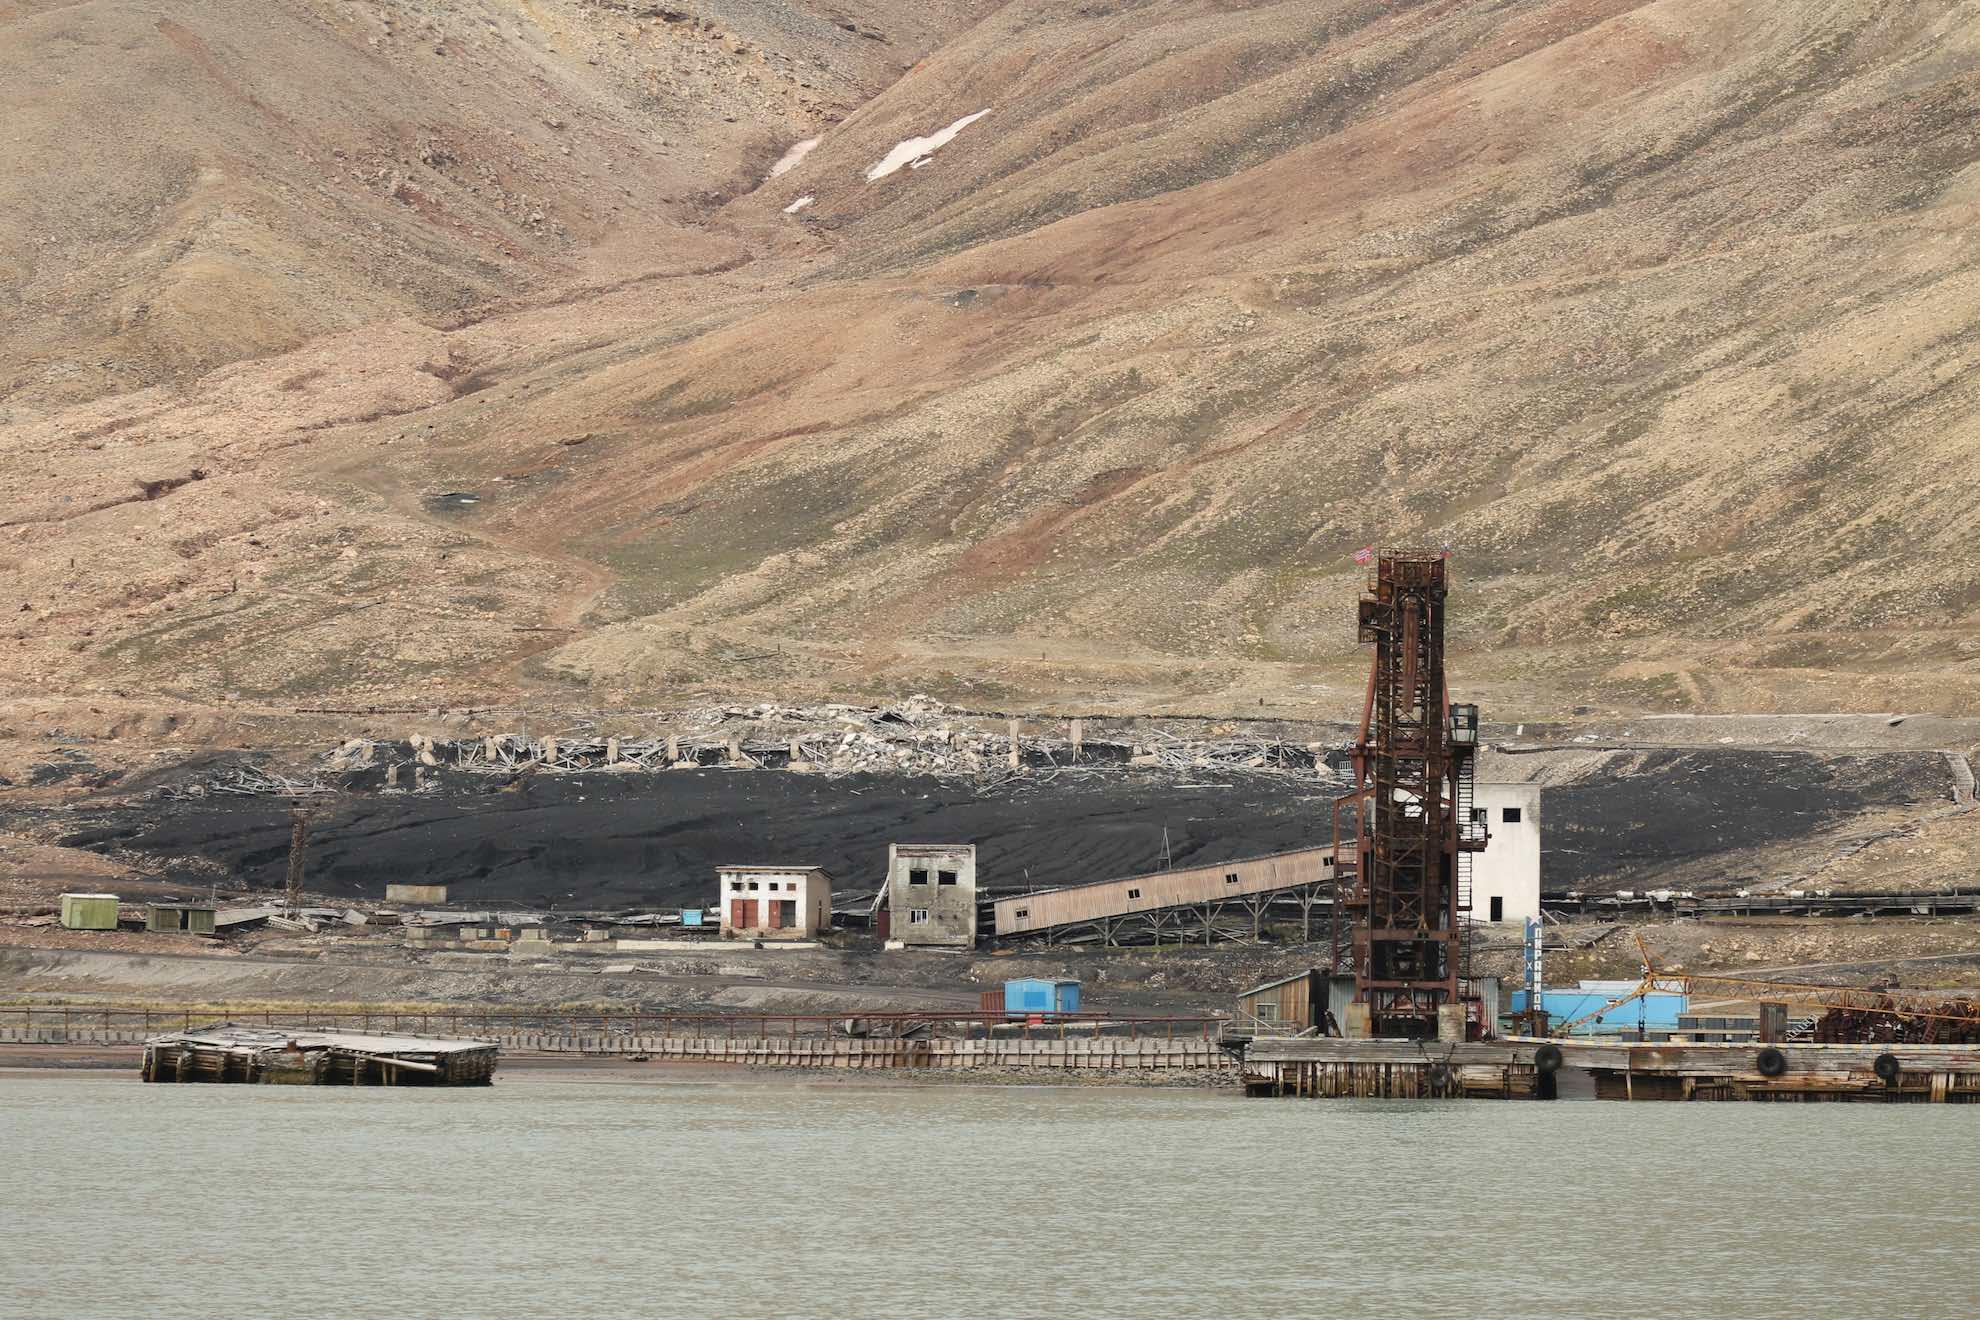 ... einer ehemaligen, längst unbewohnten sowjetischen Bergarbeitersiedlung.